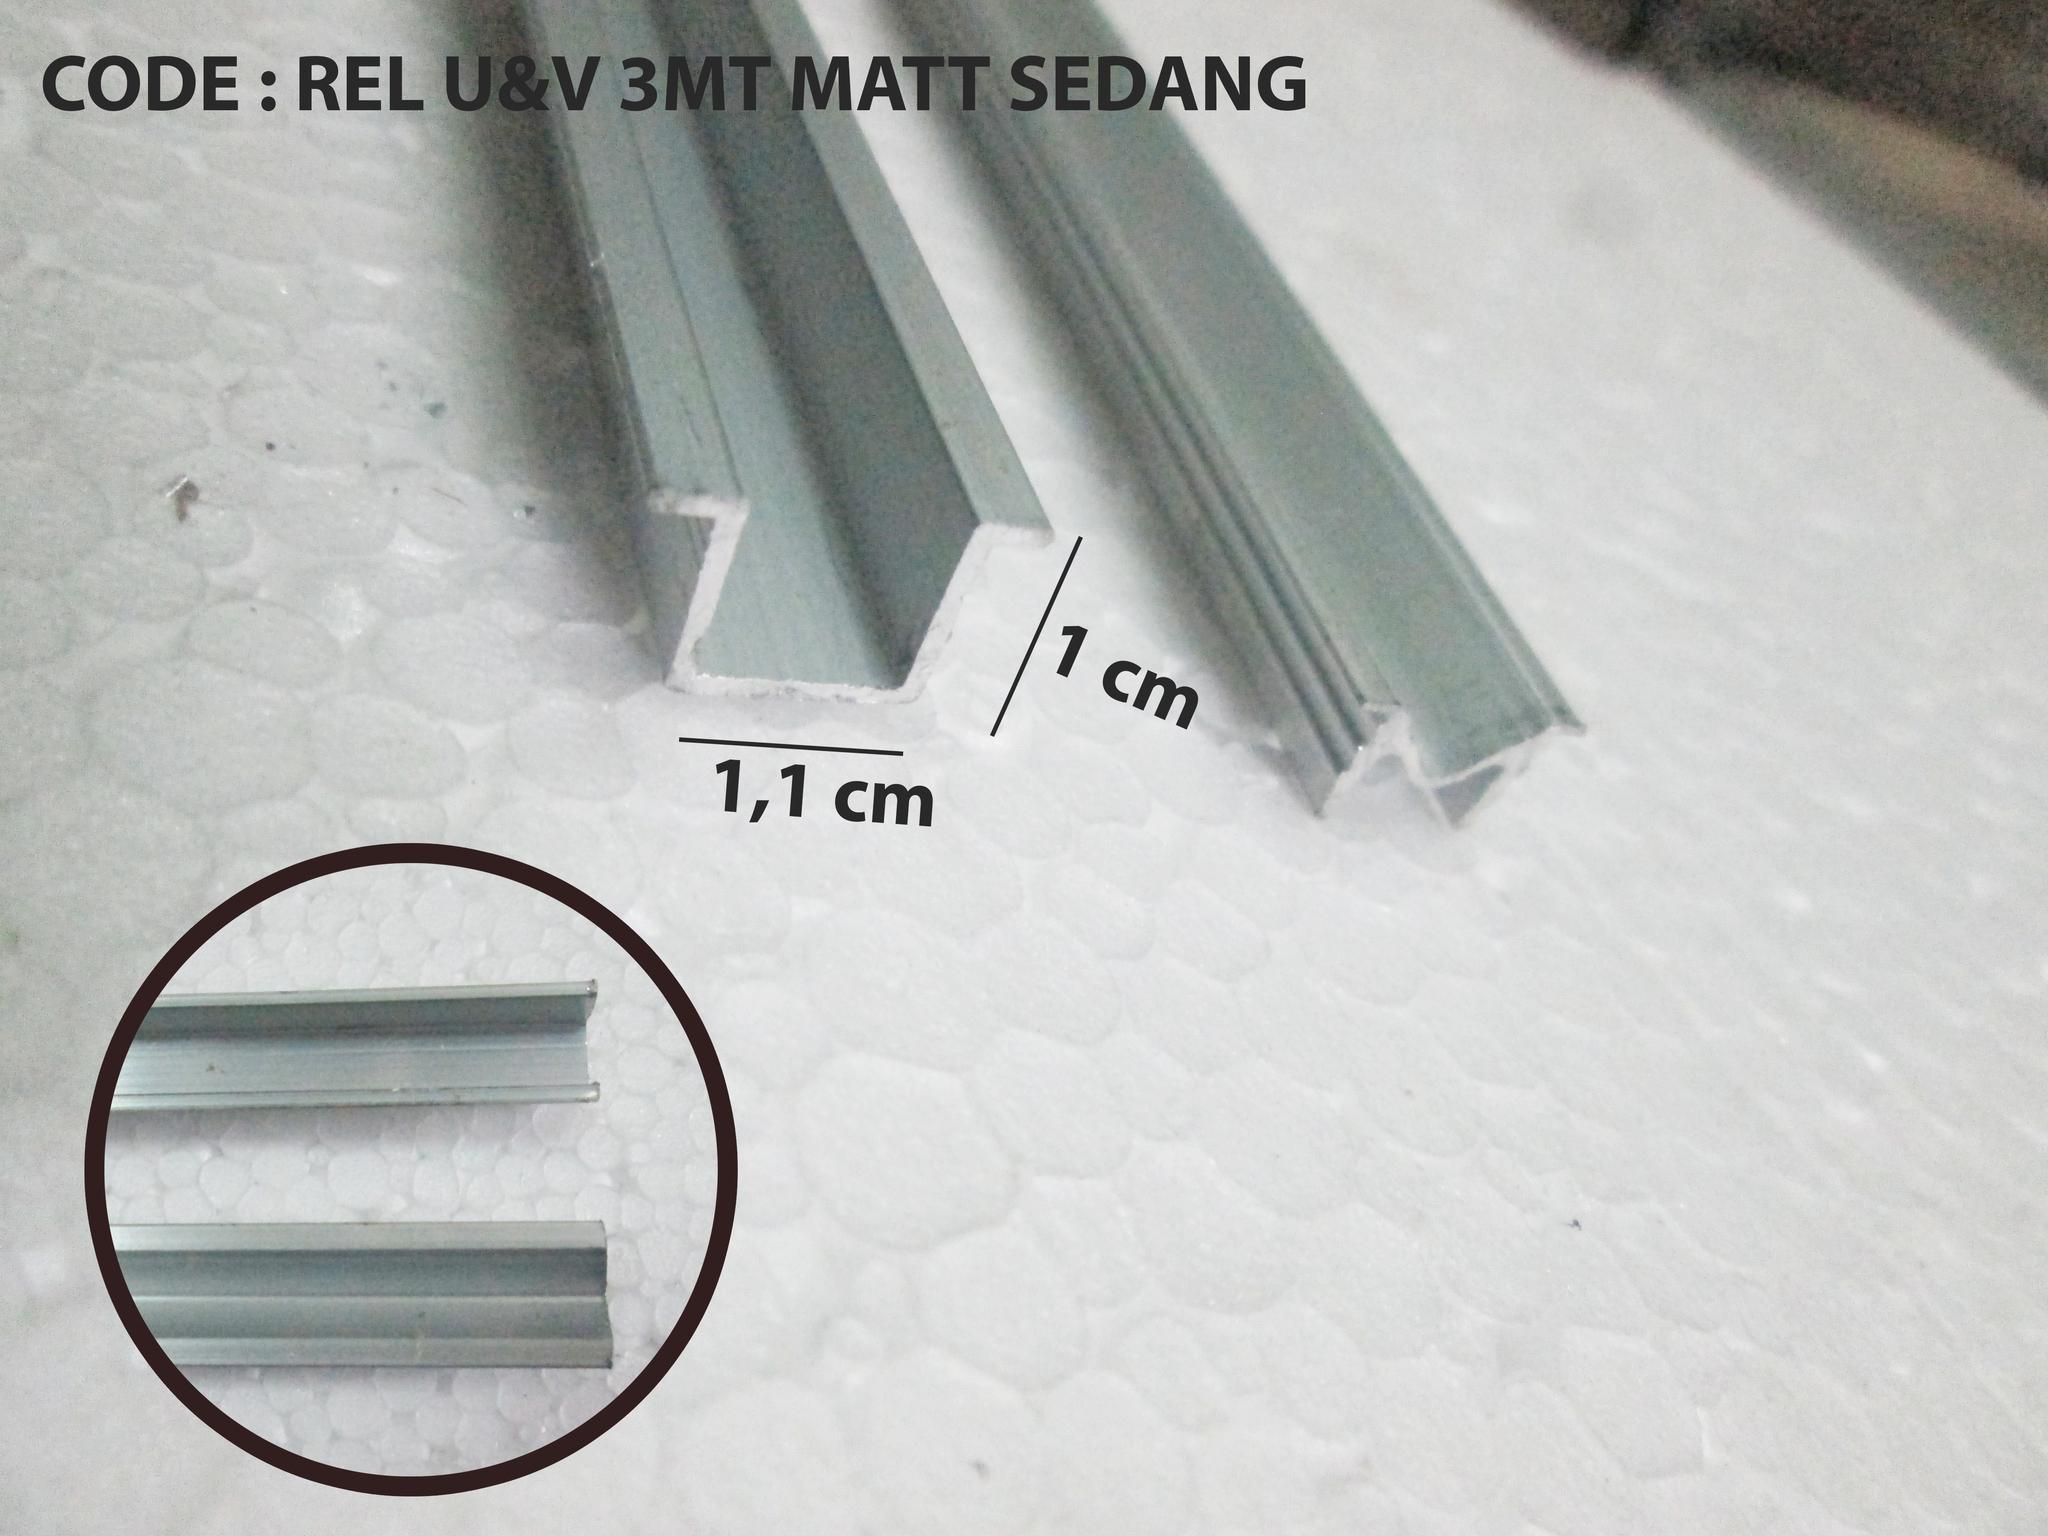 rel sliding lemari / rel pintu geser / rel u&v sedang 3mt aluminium NEW